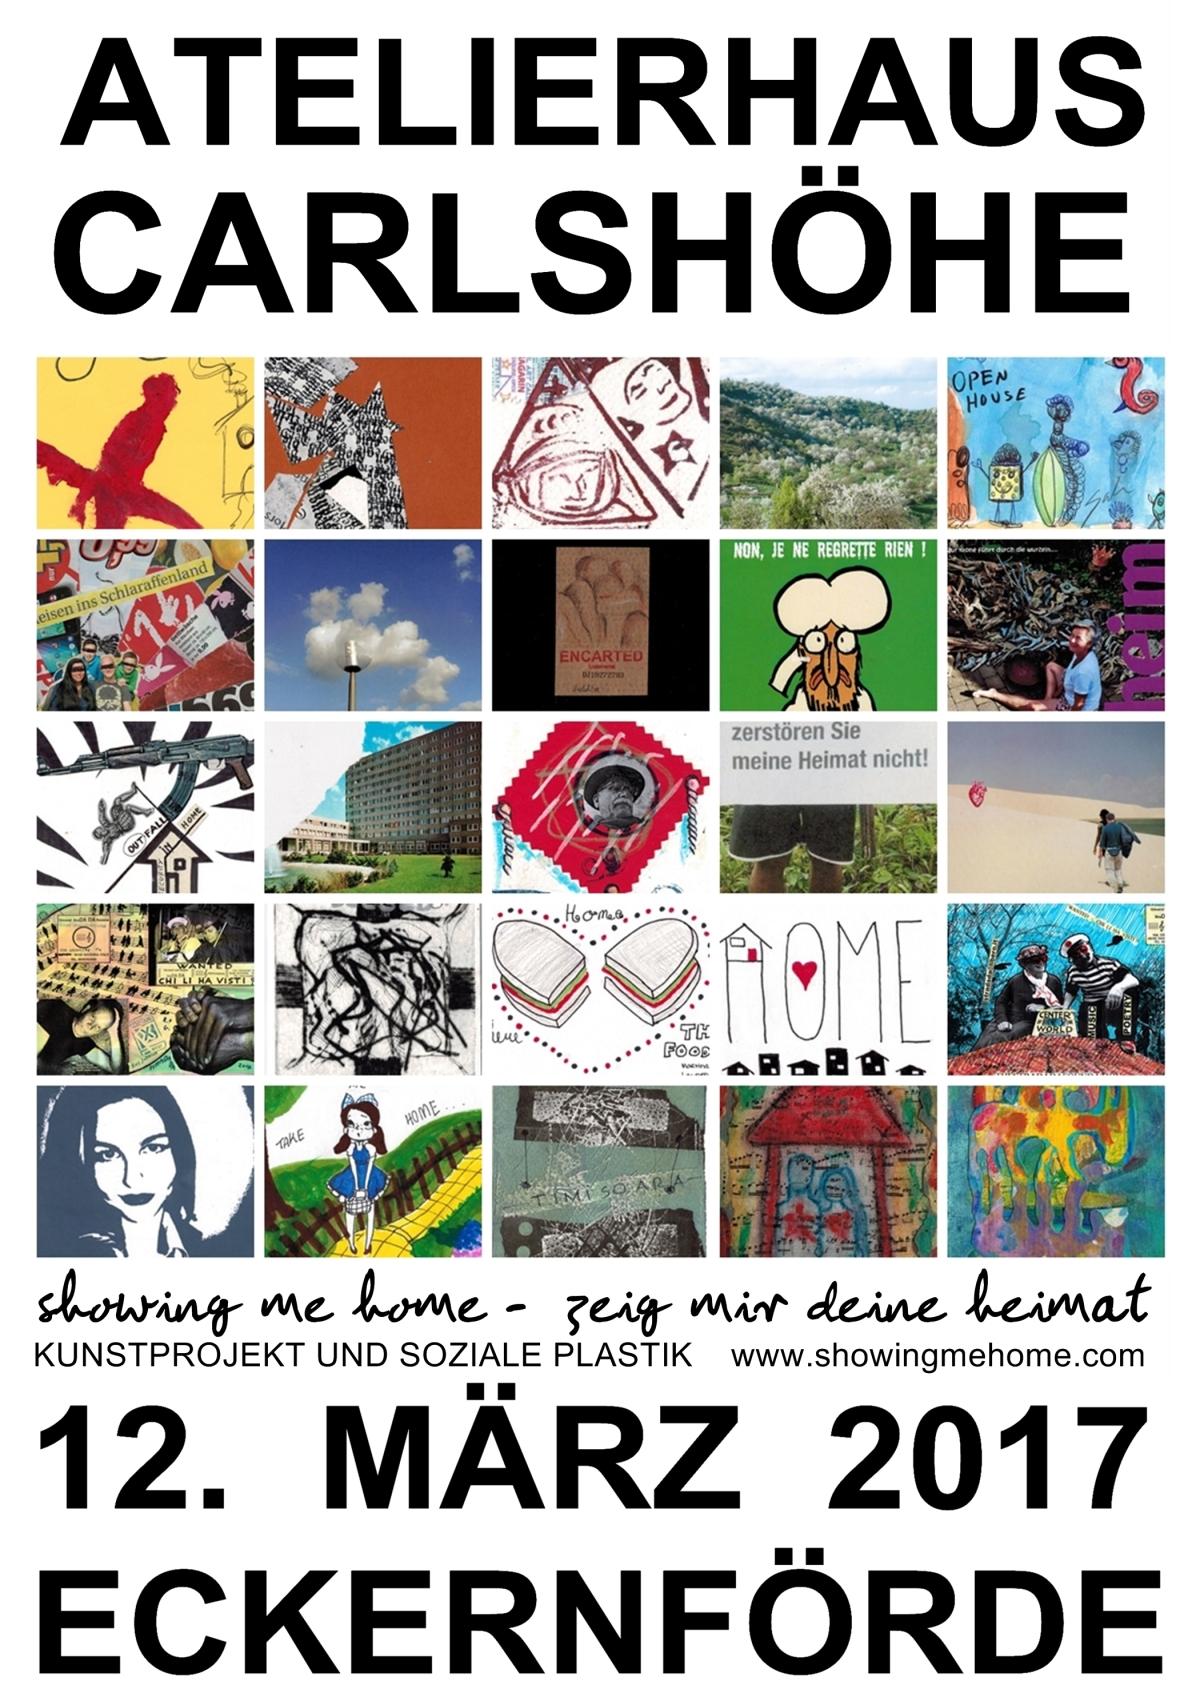 carlshöhe eckernförde showing me home